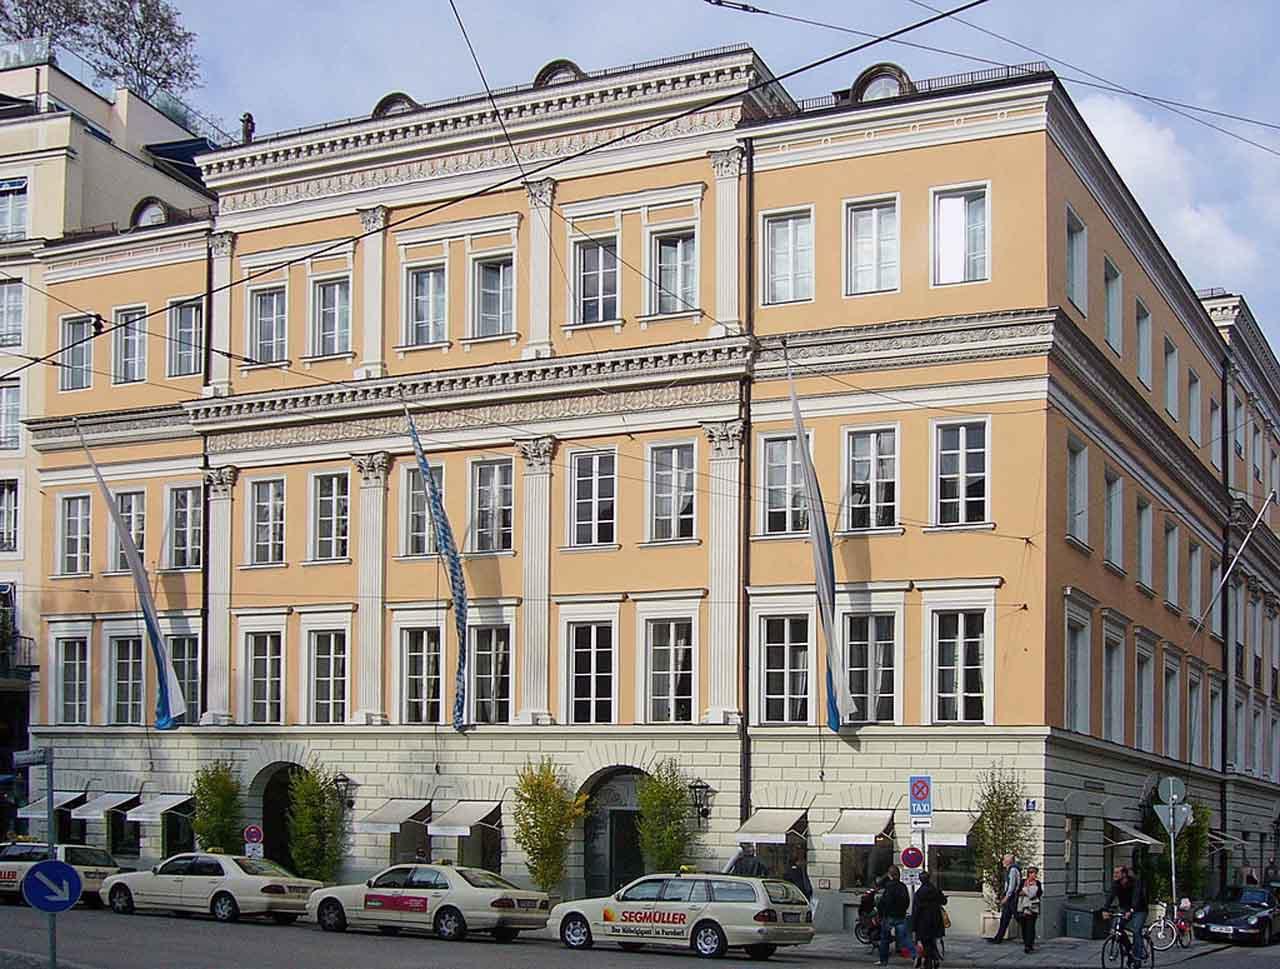 Golfreisen - Bayern - München - Hotel Bayerischer Hof München | OnGolf